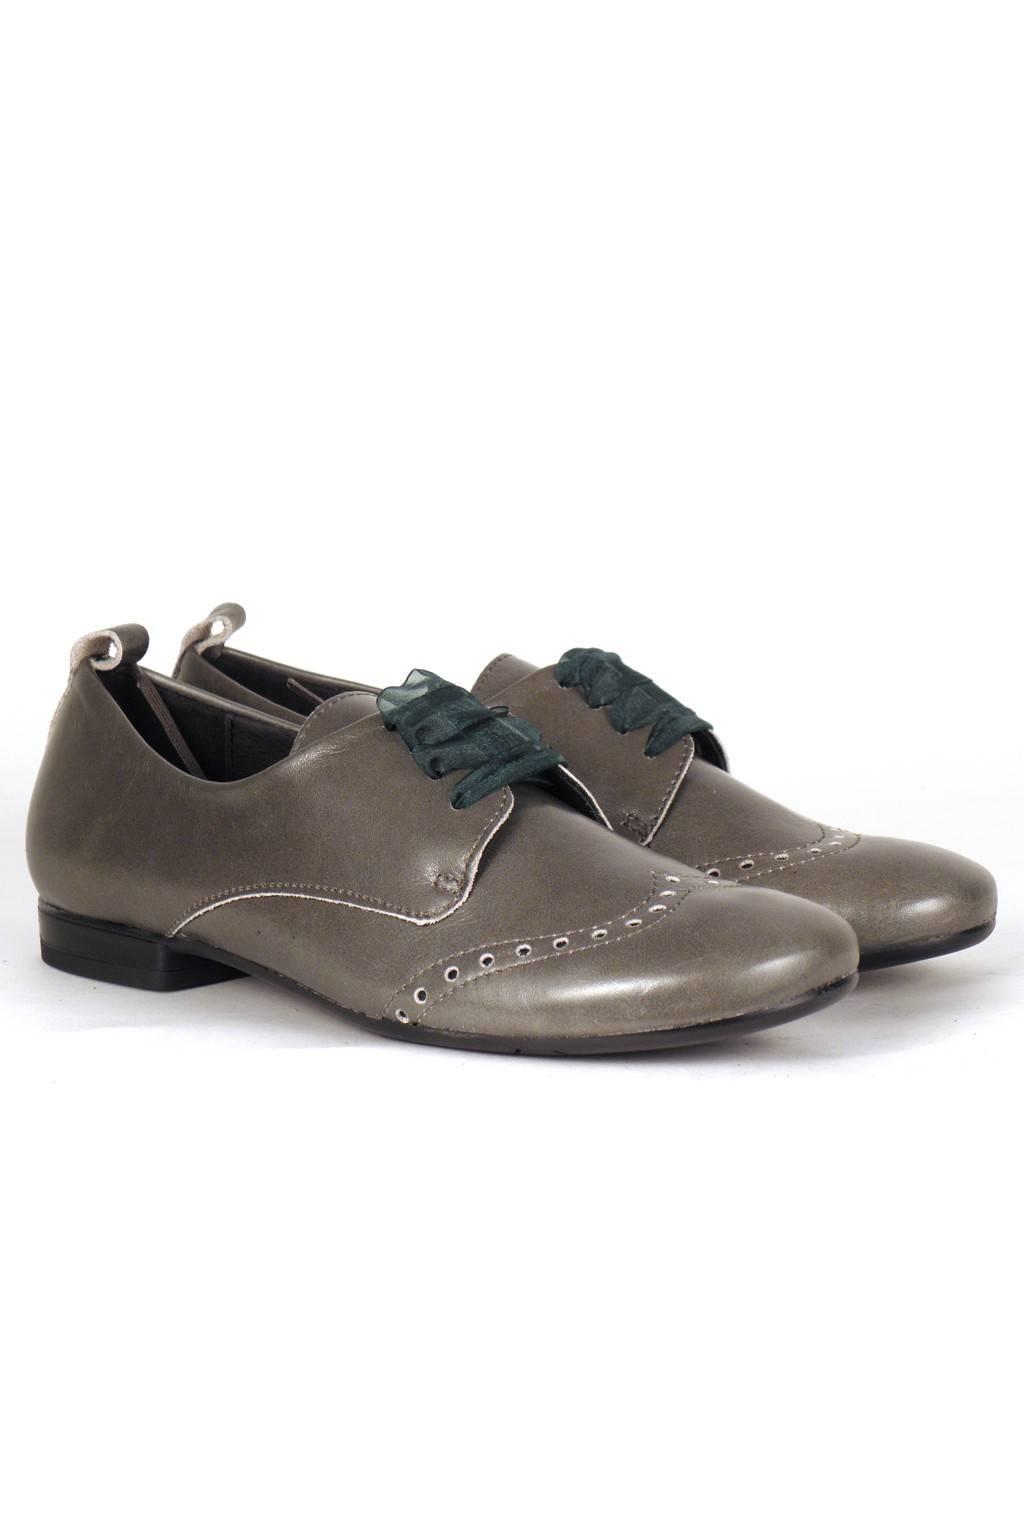 Zapato piel estilo inglés